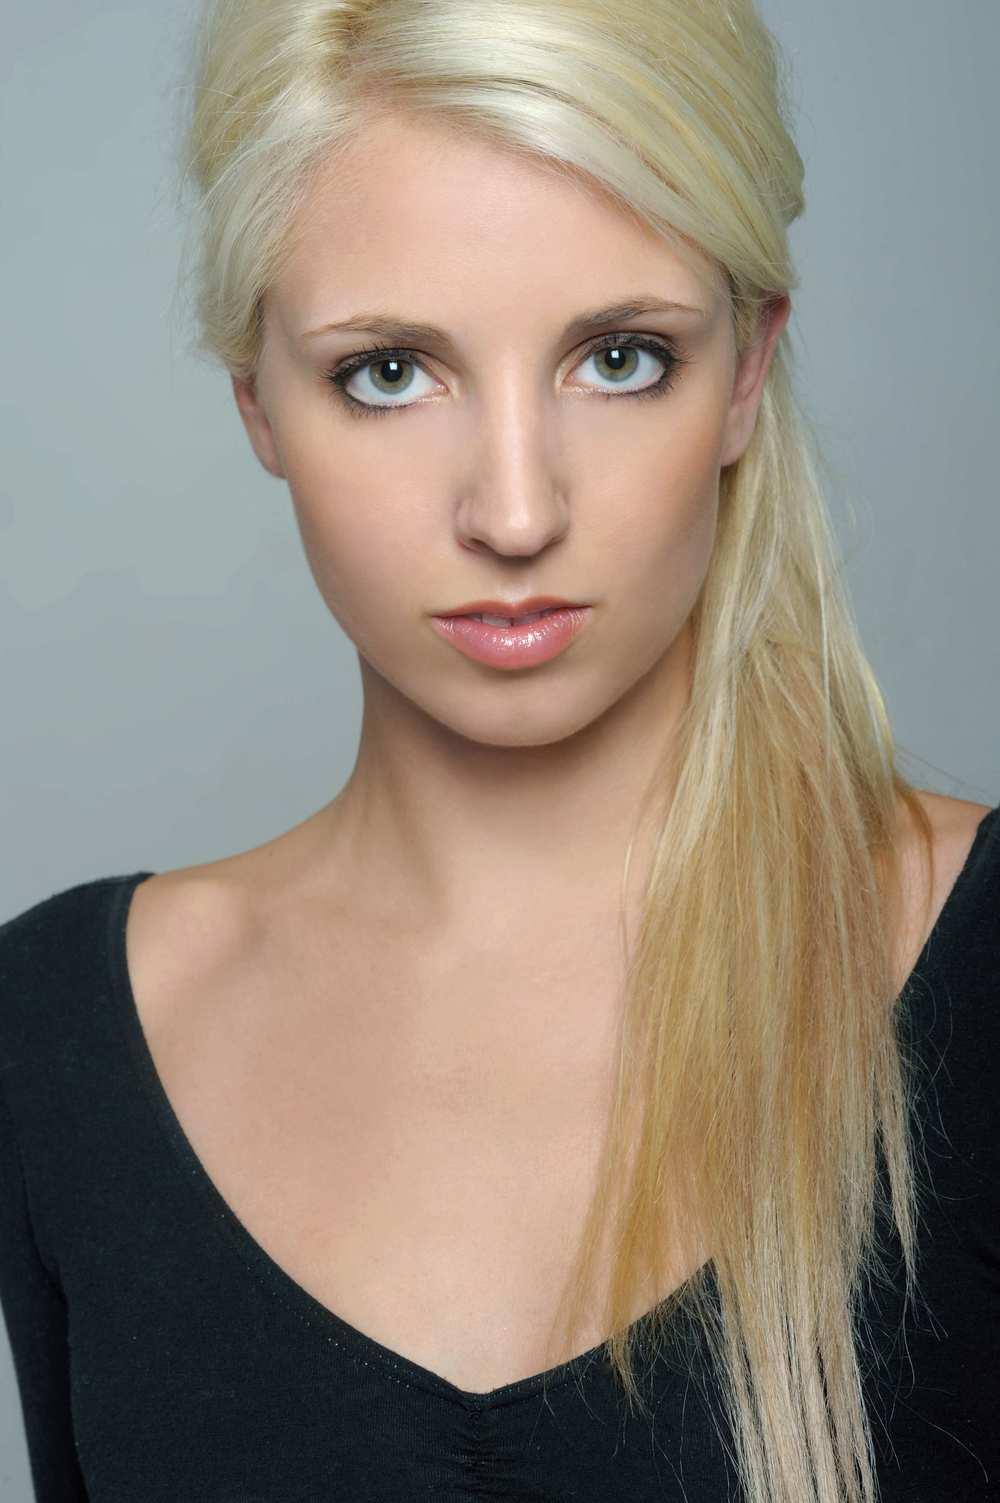 Jess Durski